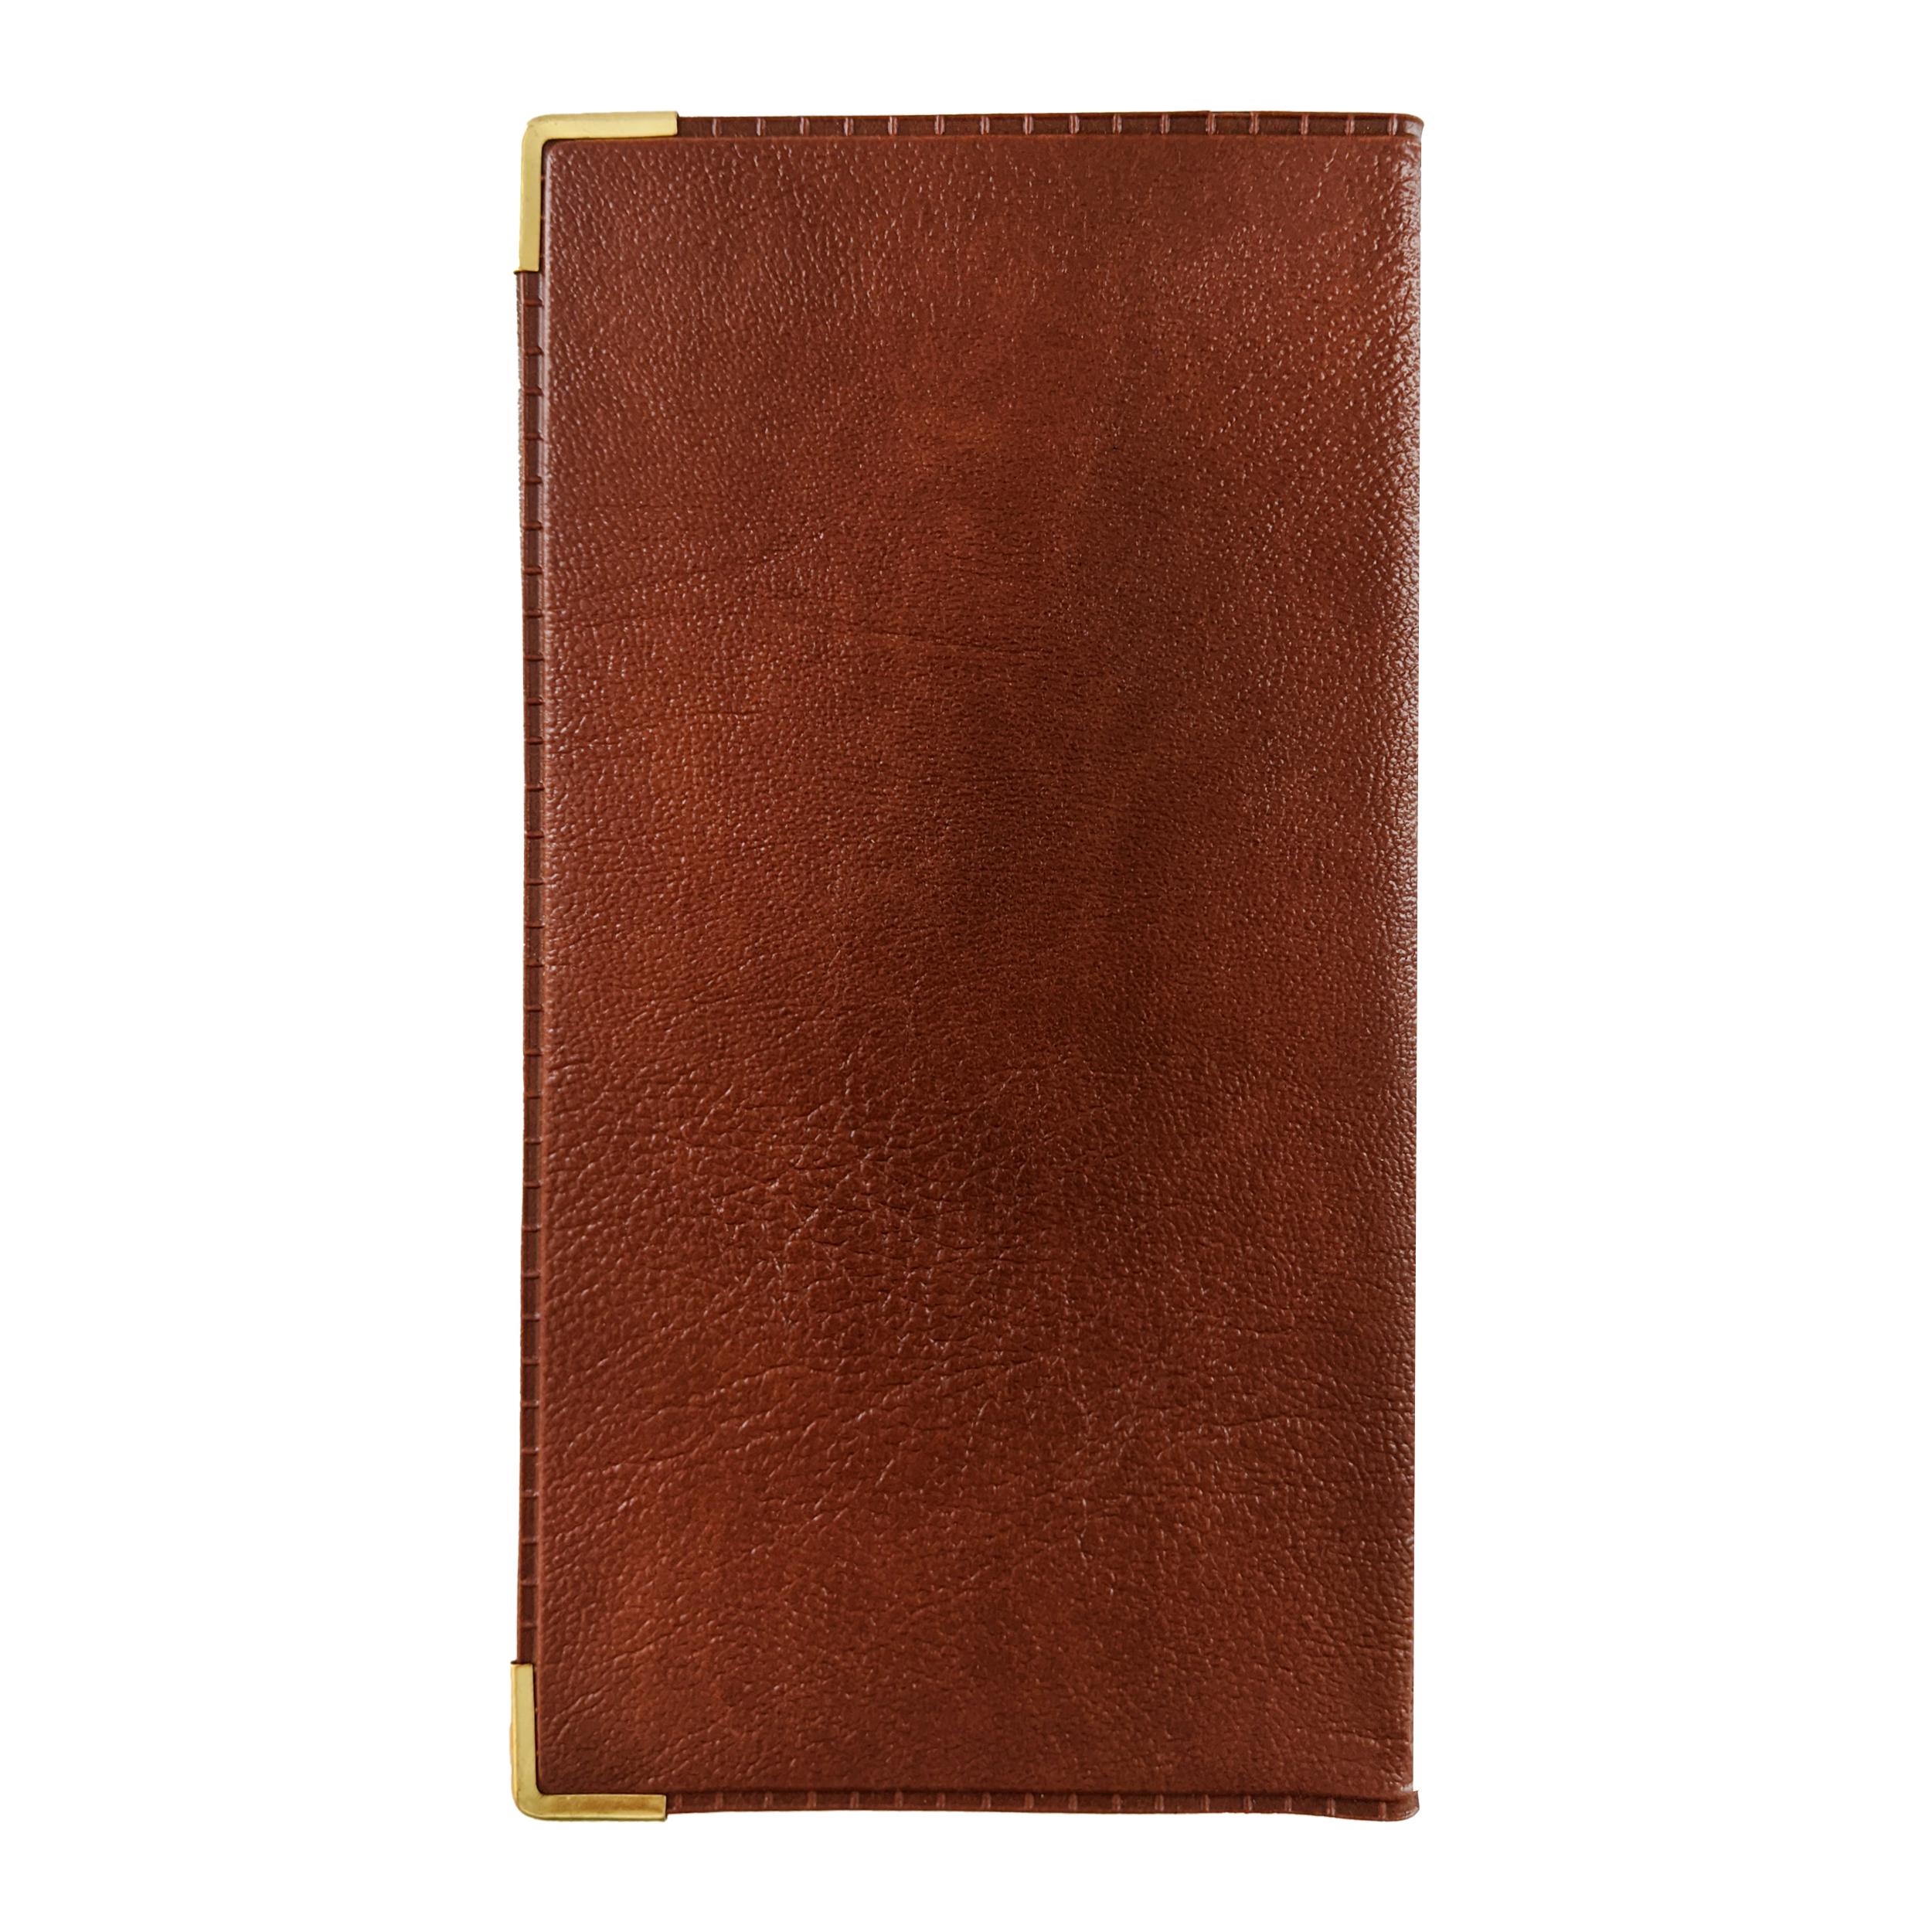 خرید                                     کیف مدارک مدل LVP 01 کد 99